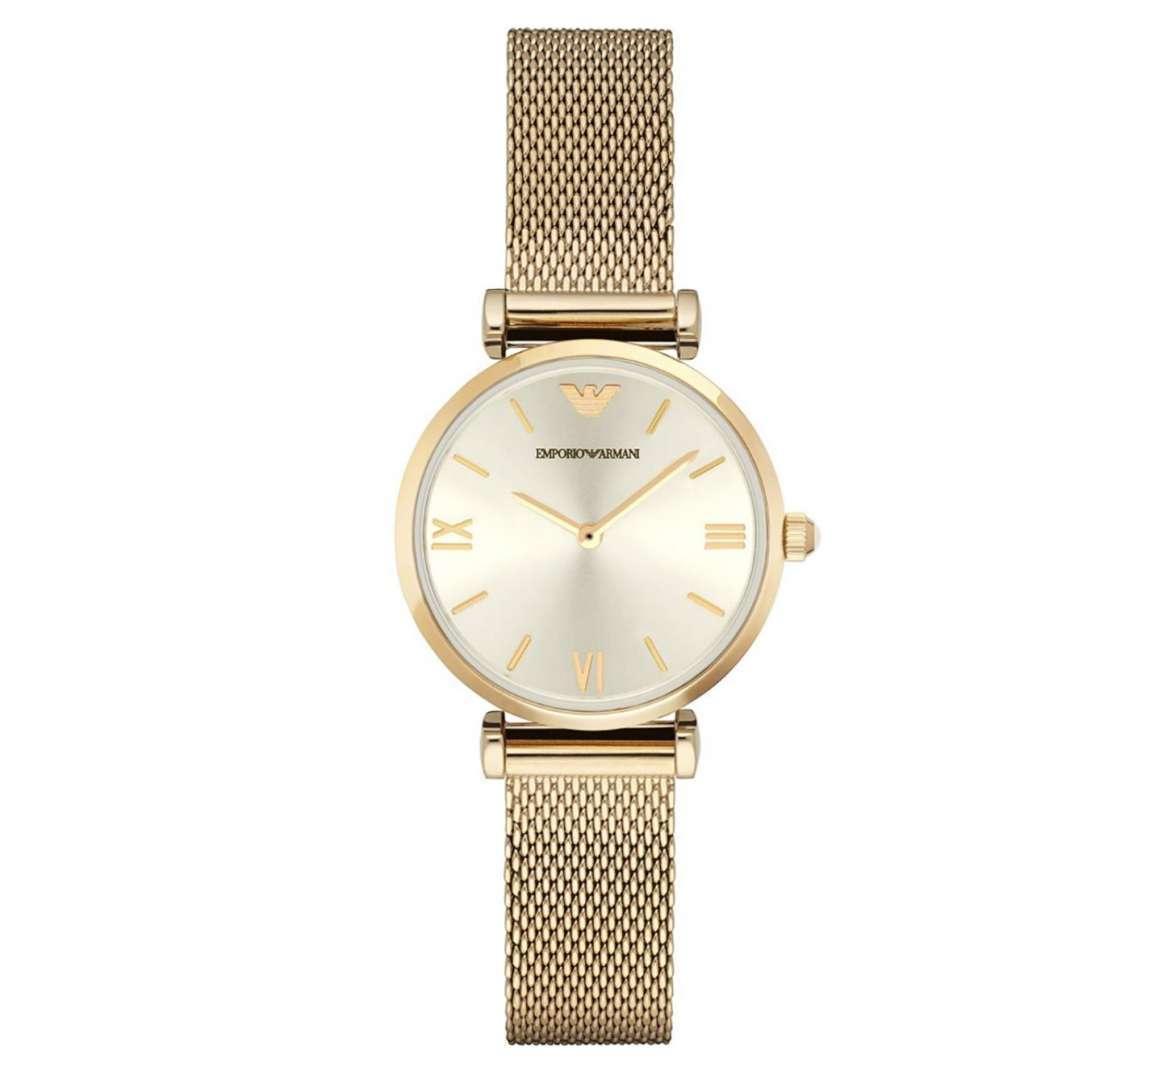 שעון יד אנלוגי לאישה emporio armani ar1957 אמפוריו ארמני